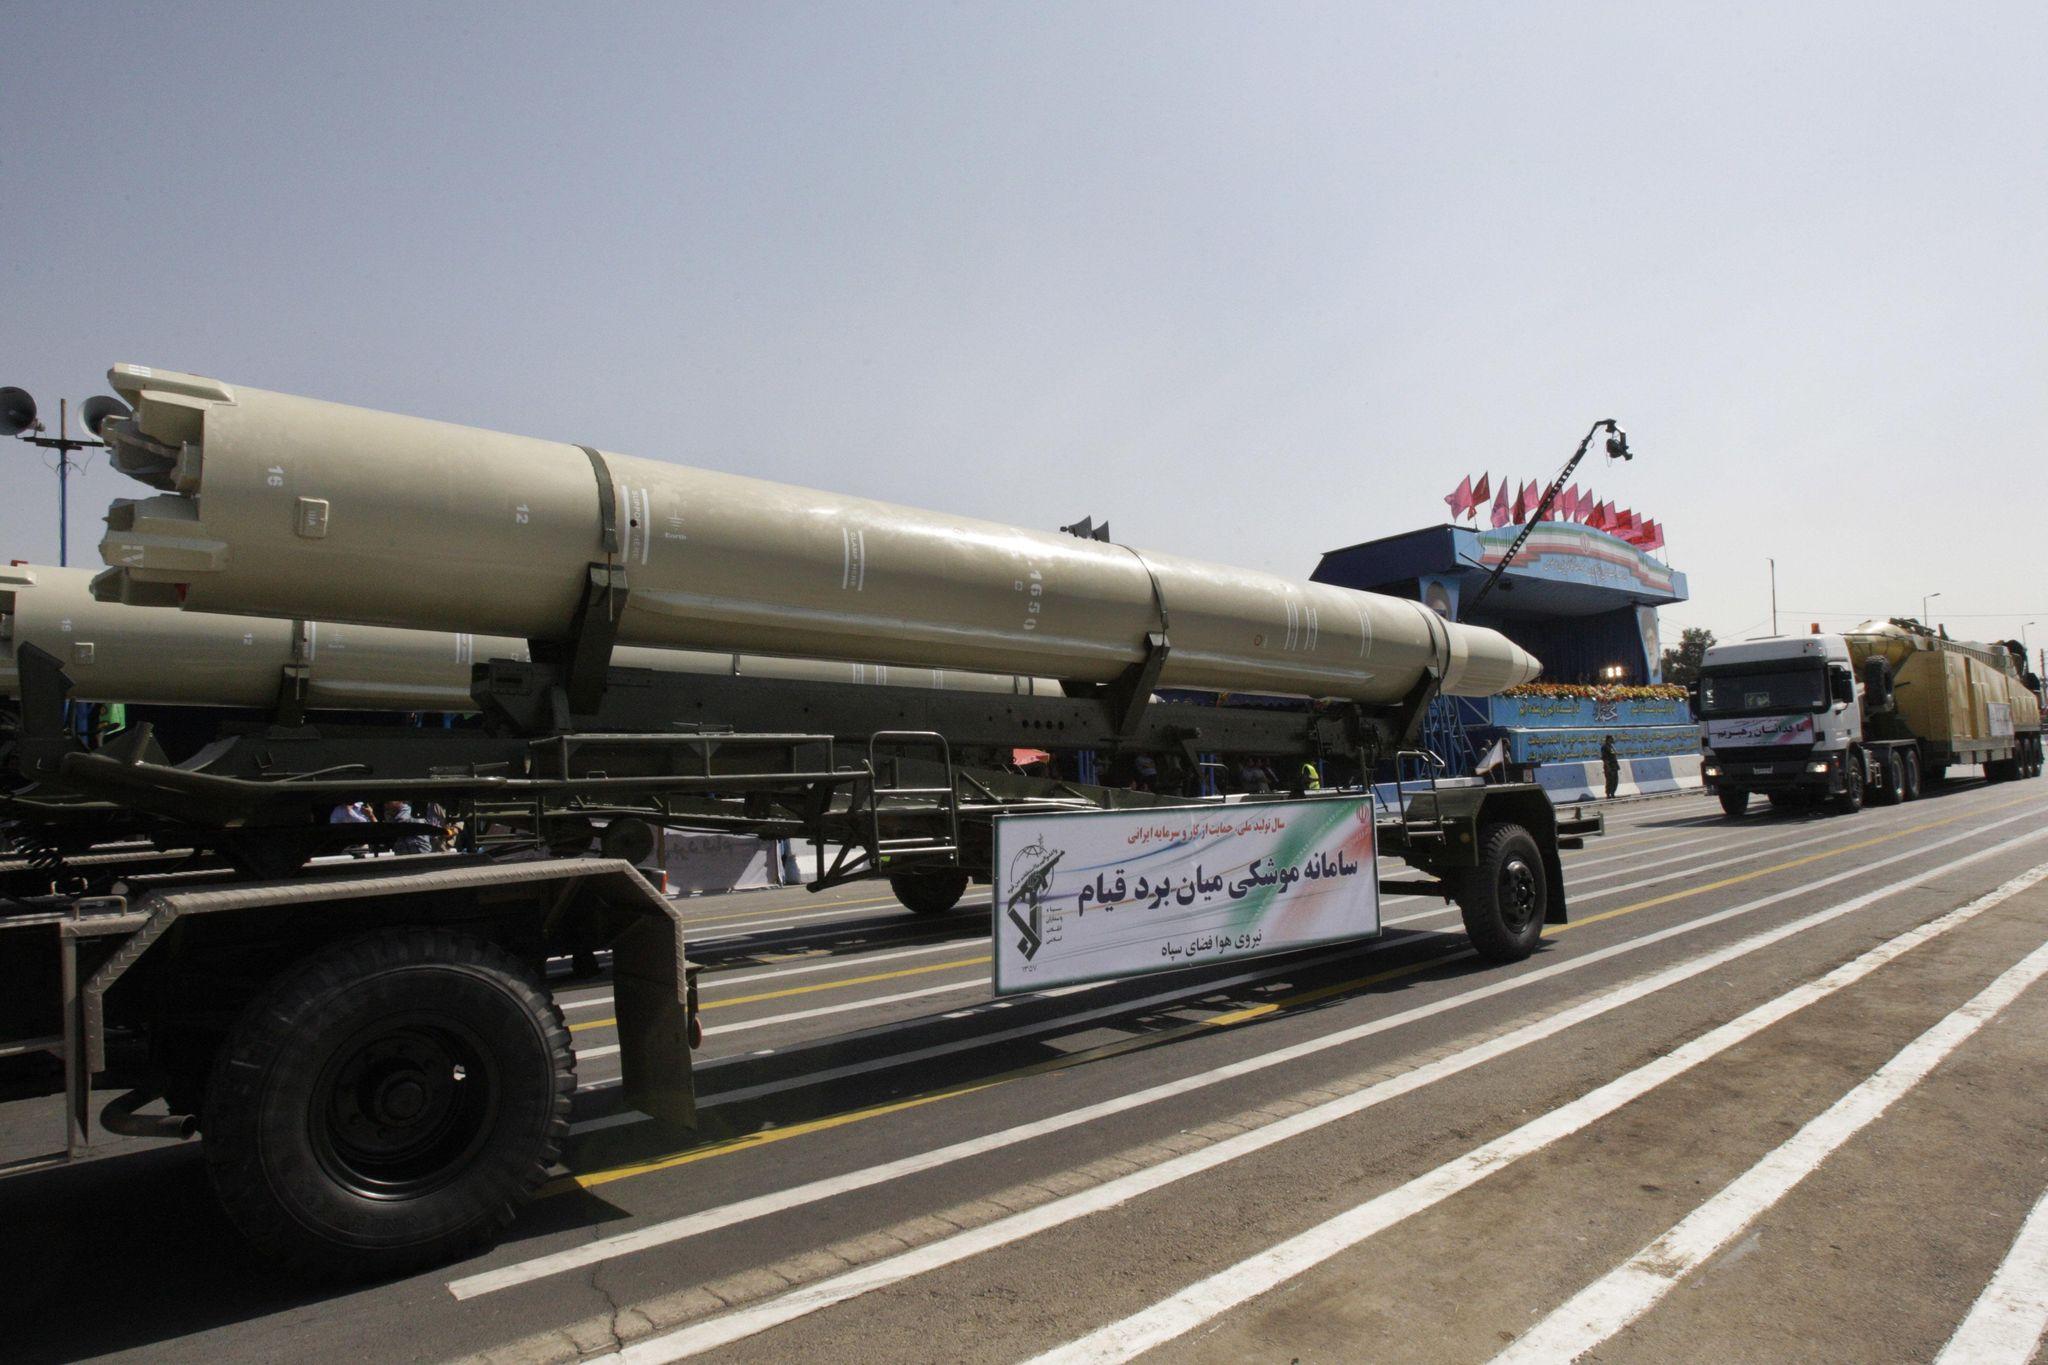 U.S. intel showed Iran-backed militias moving rockets in Iraq: Report